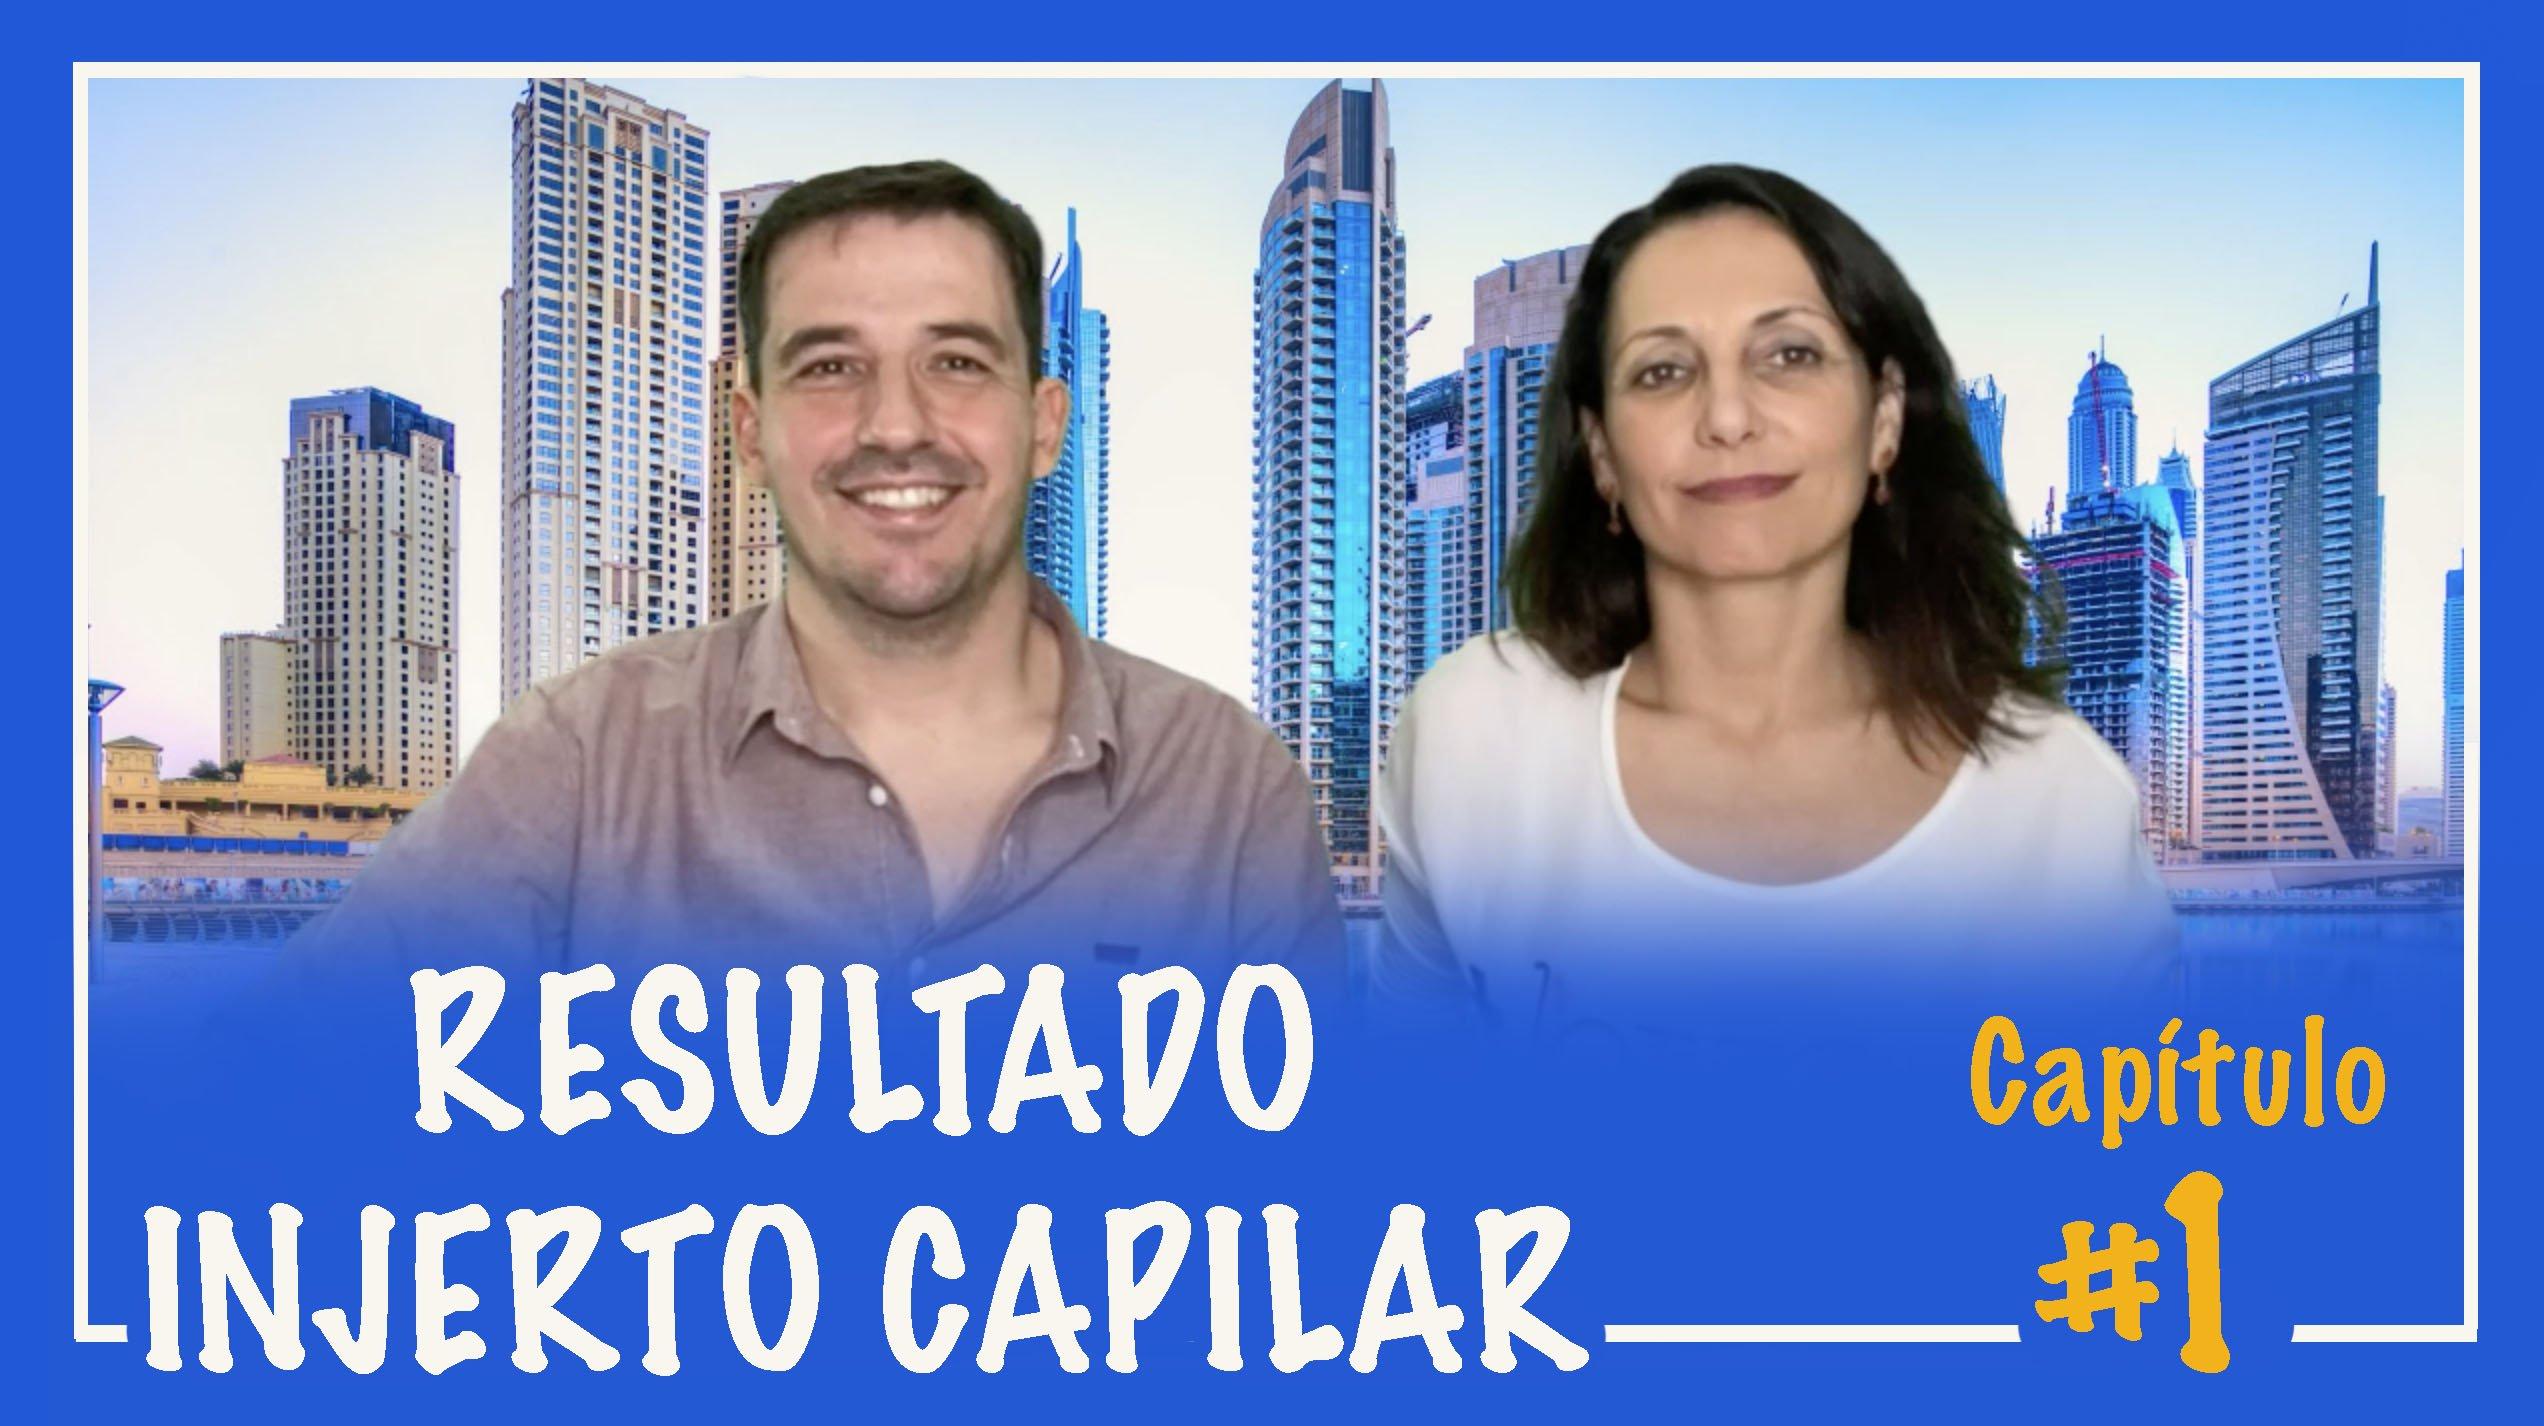 injerto-capilar-castellon-trasplante-pelo-implante-cabello-resultados